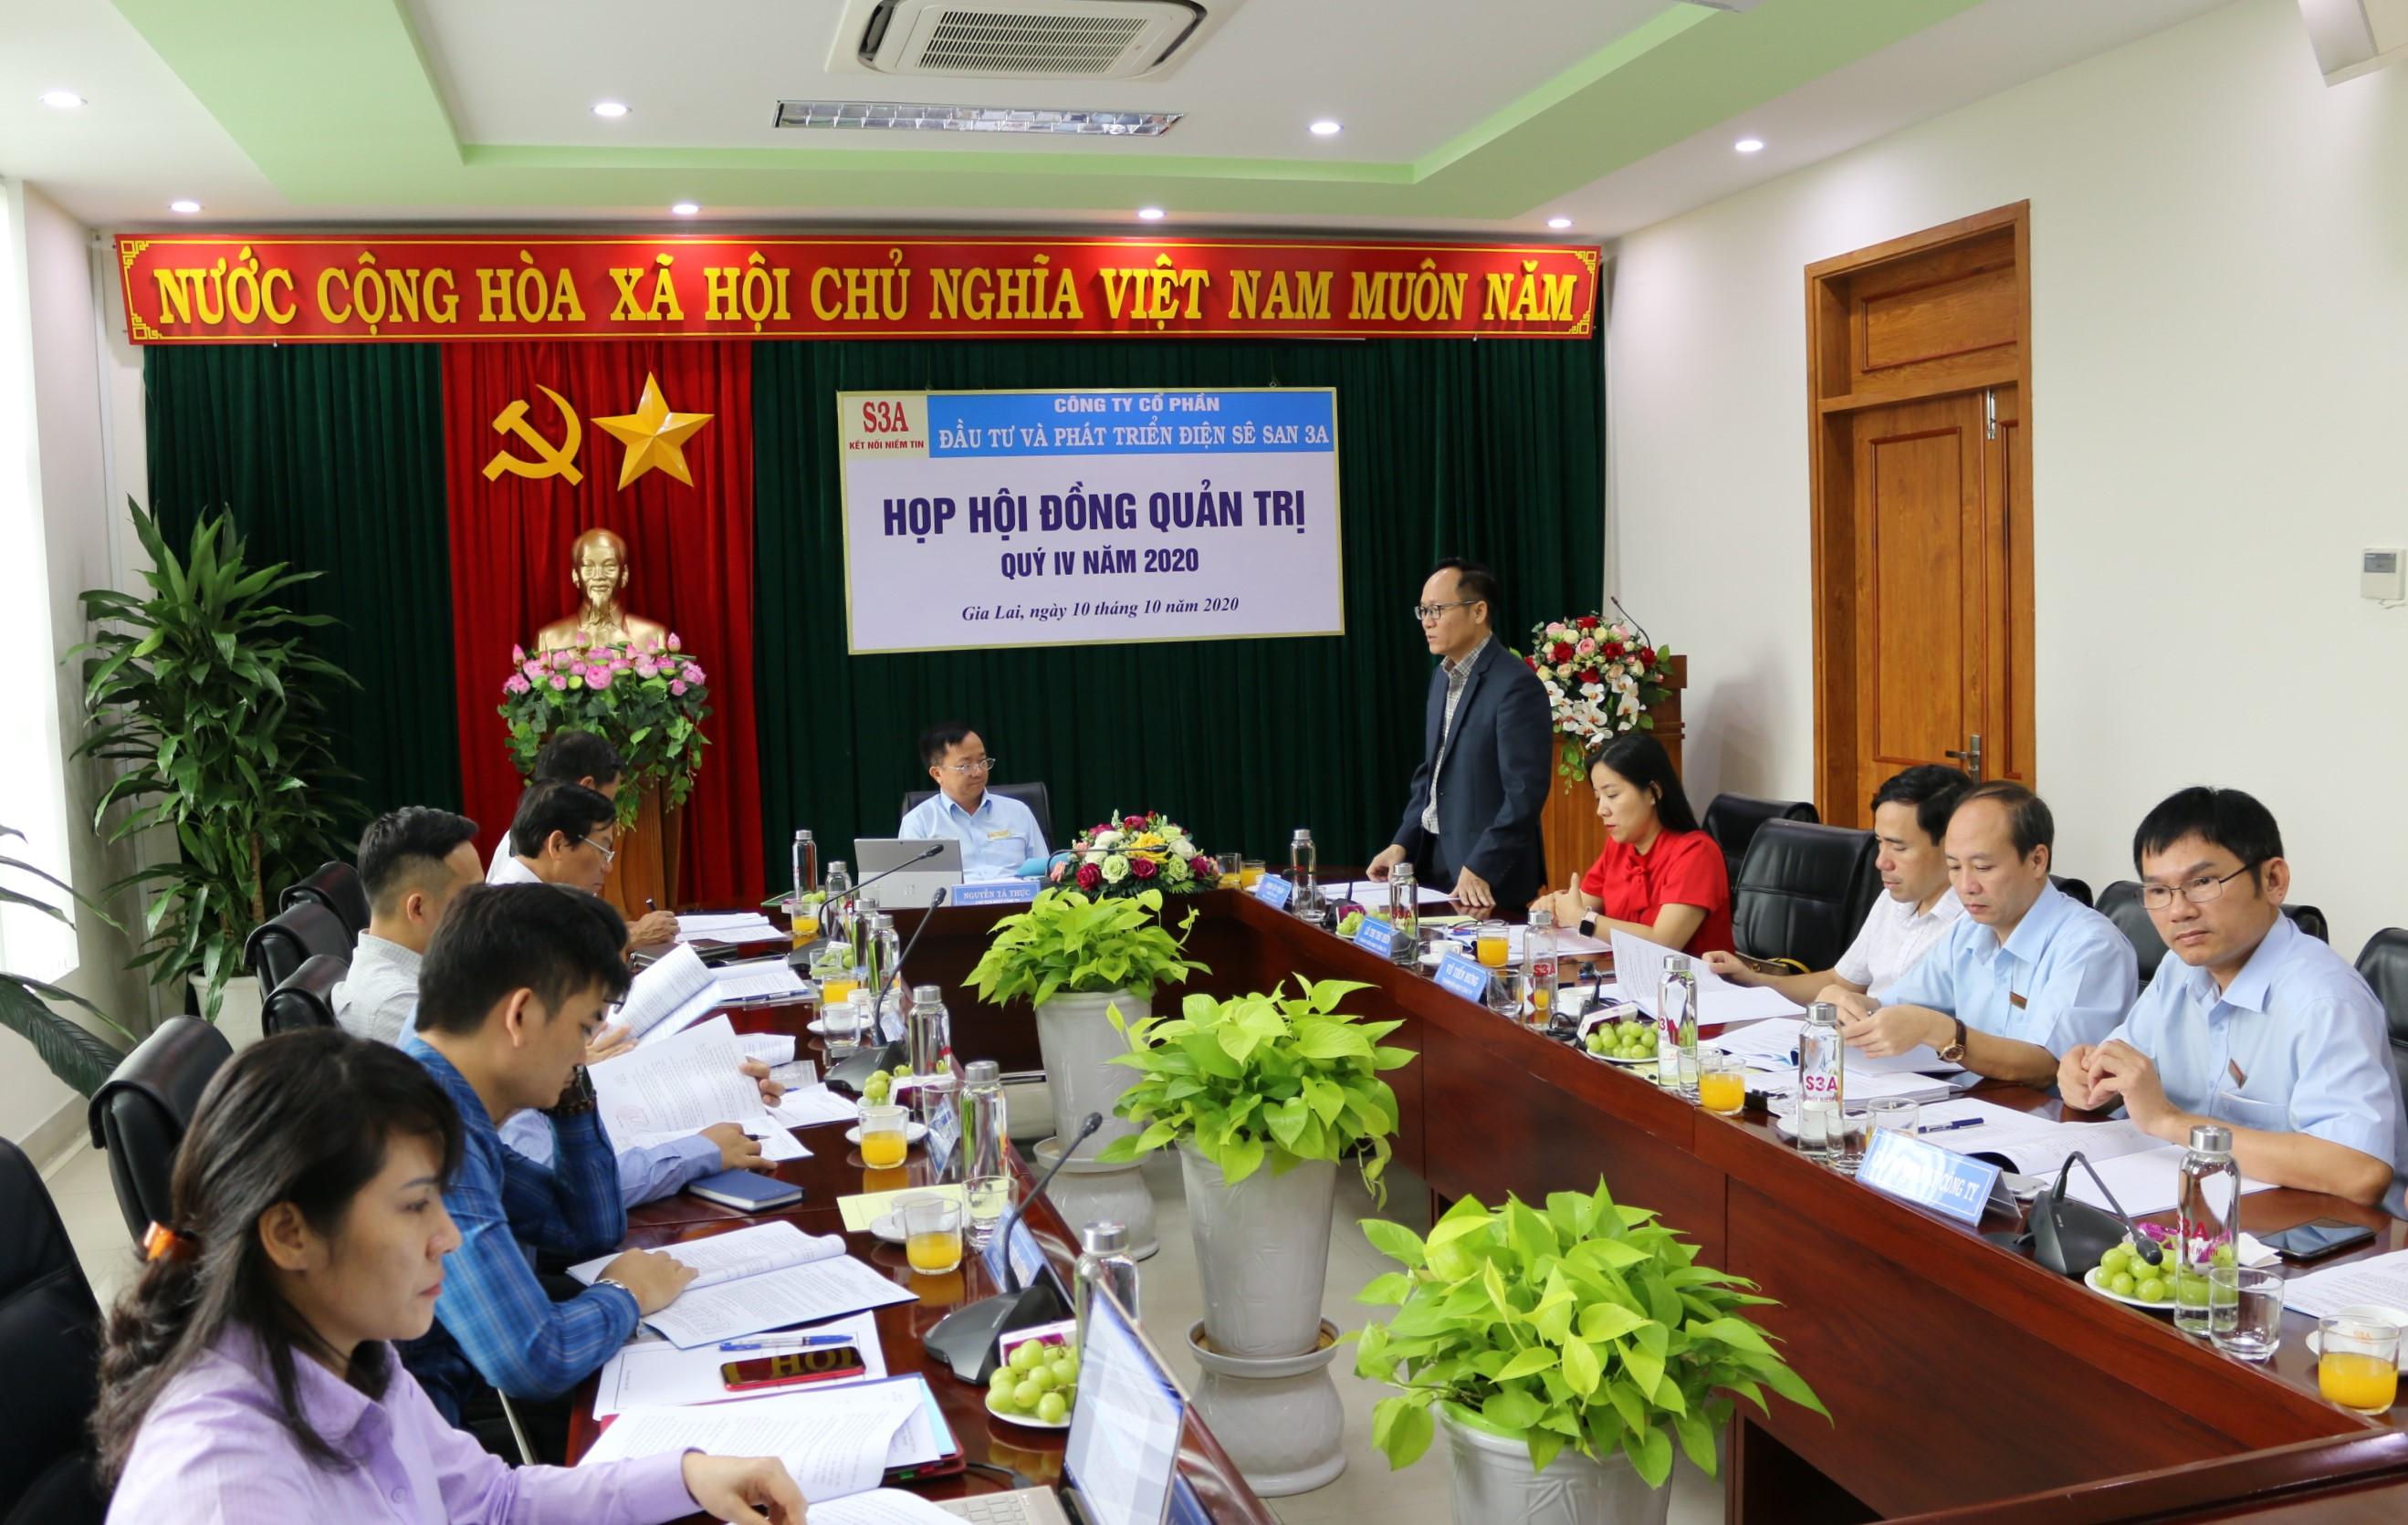 Các giải pháp để Sê San 3A hoàn thành kế hoạch năm 2020